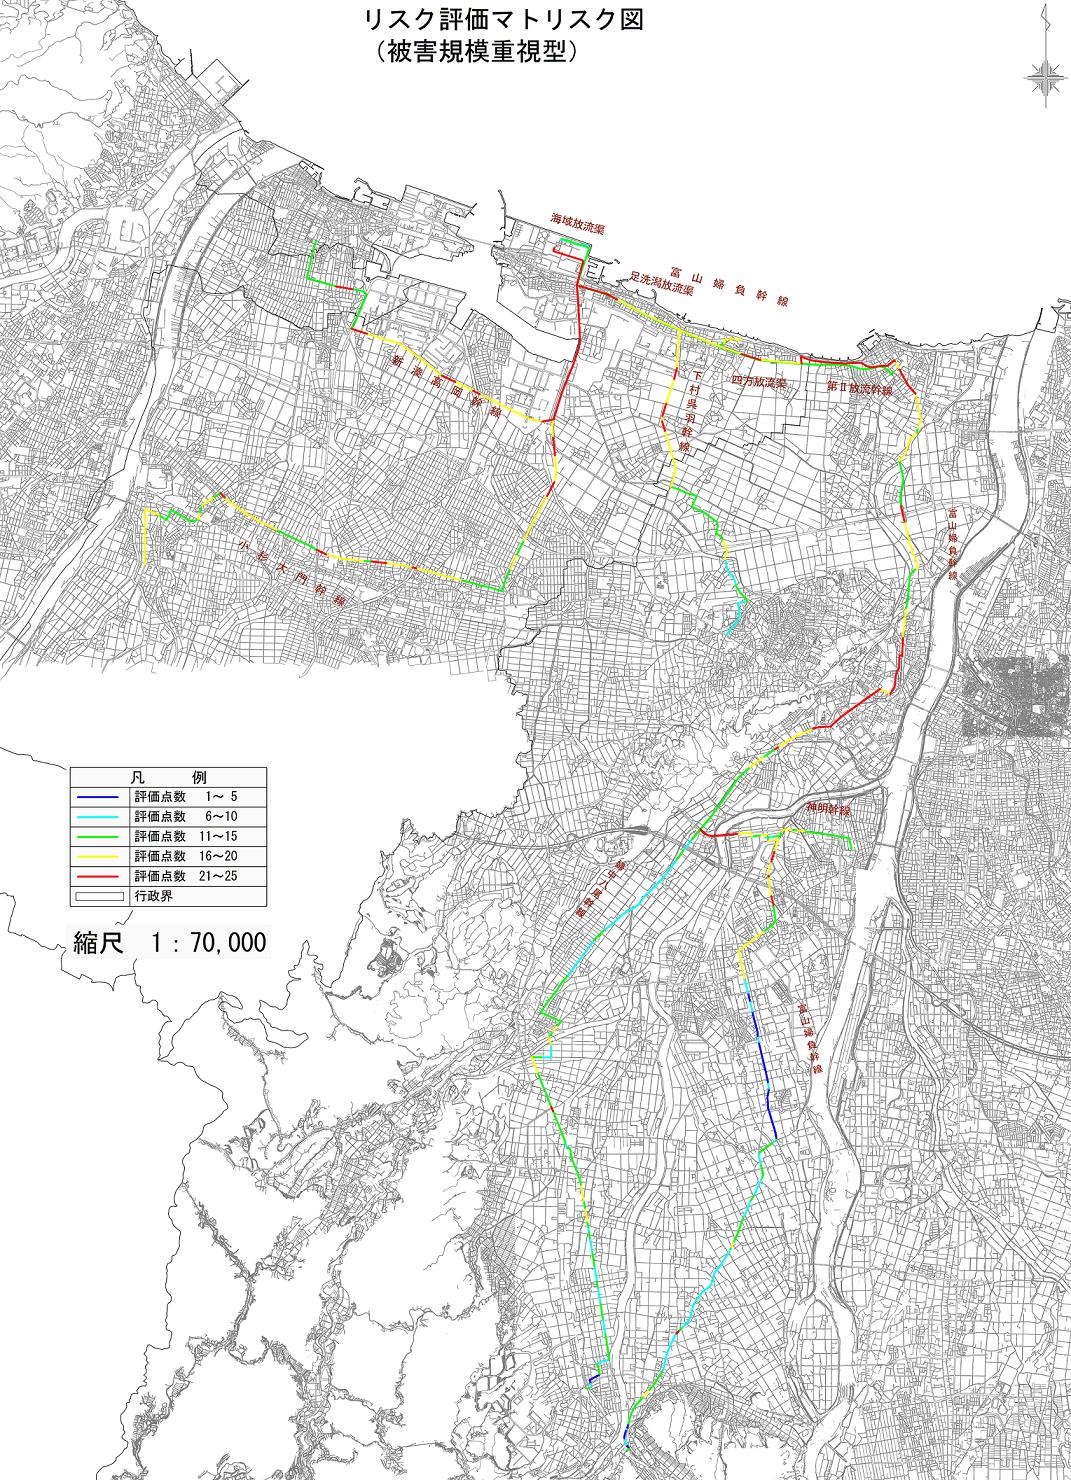 神通川左岸流域下水道ストックマネジメント計画(管きょ)策定委託業務